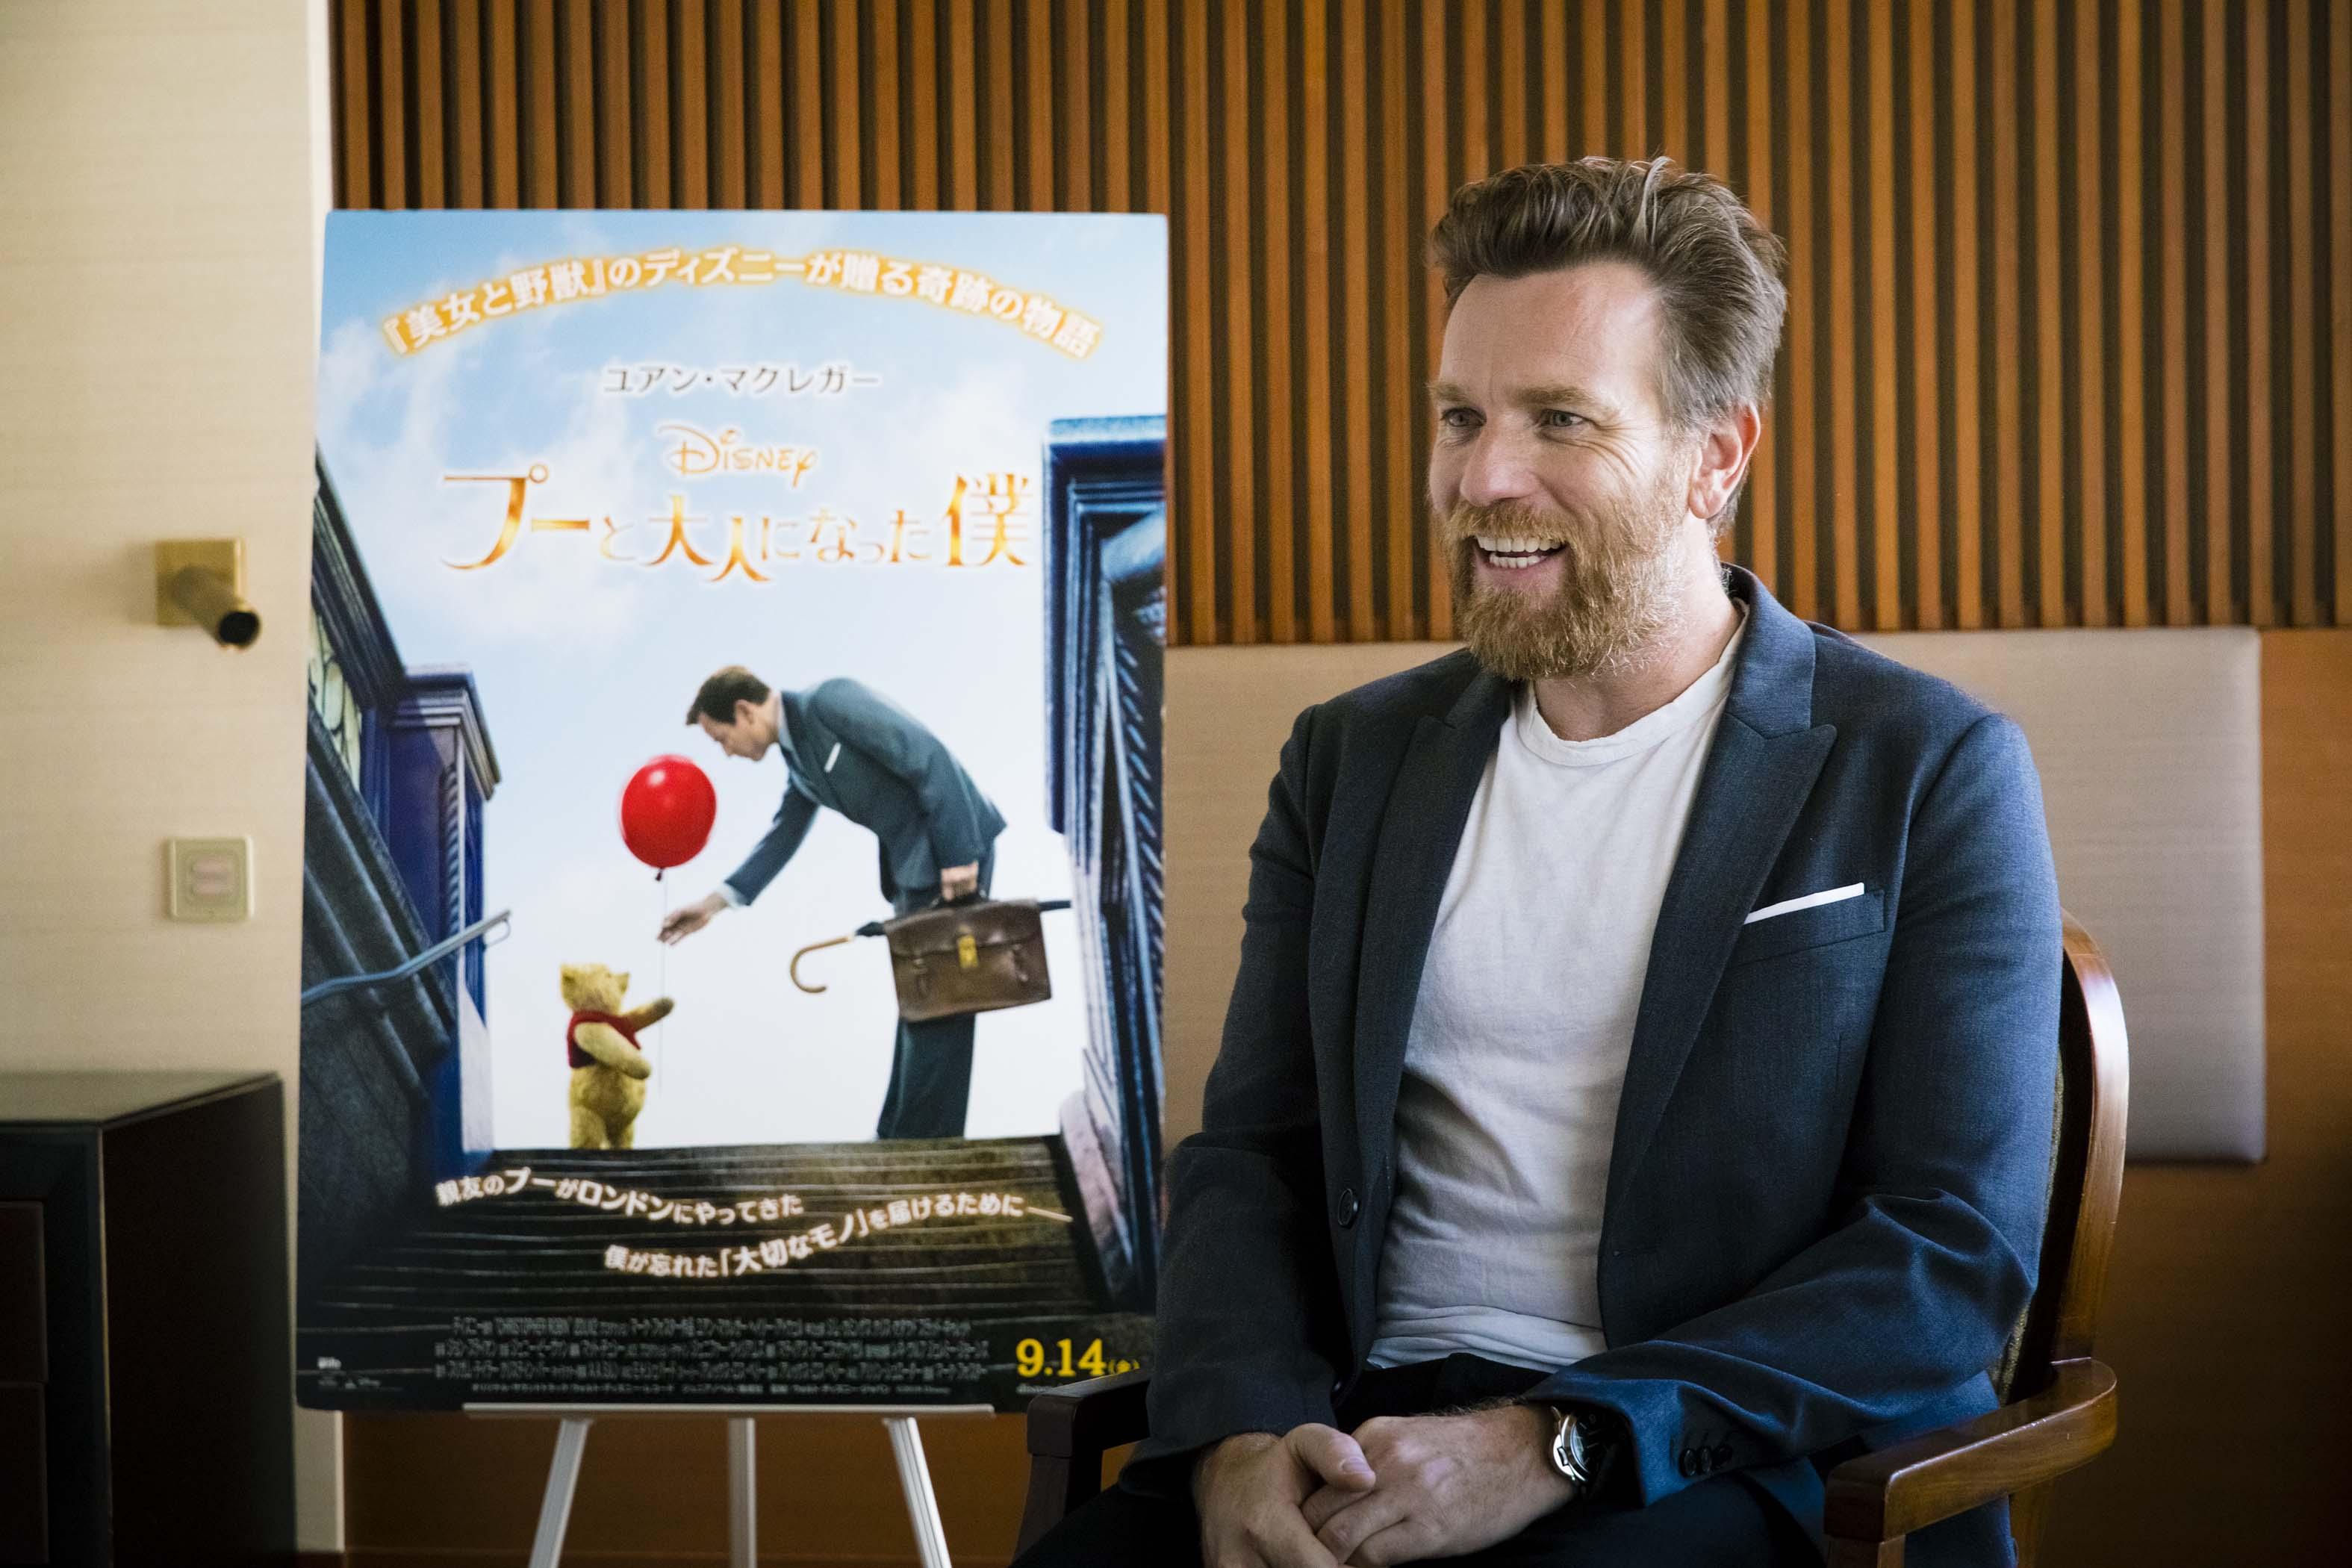 【プー僕】名優ユアン・マクレガーが語る\u201cプーとクリストファーの関係\u201d 『プーと大人になった僕』インタビュー(写真 6/8)